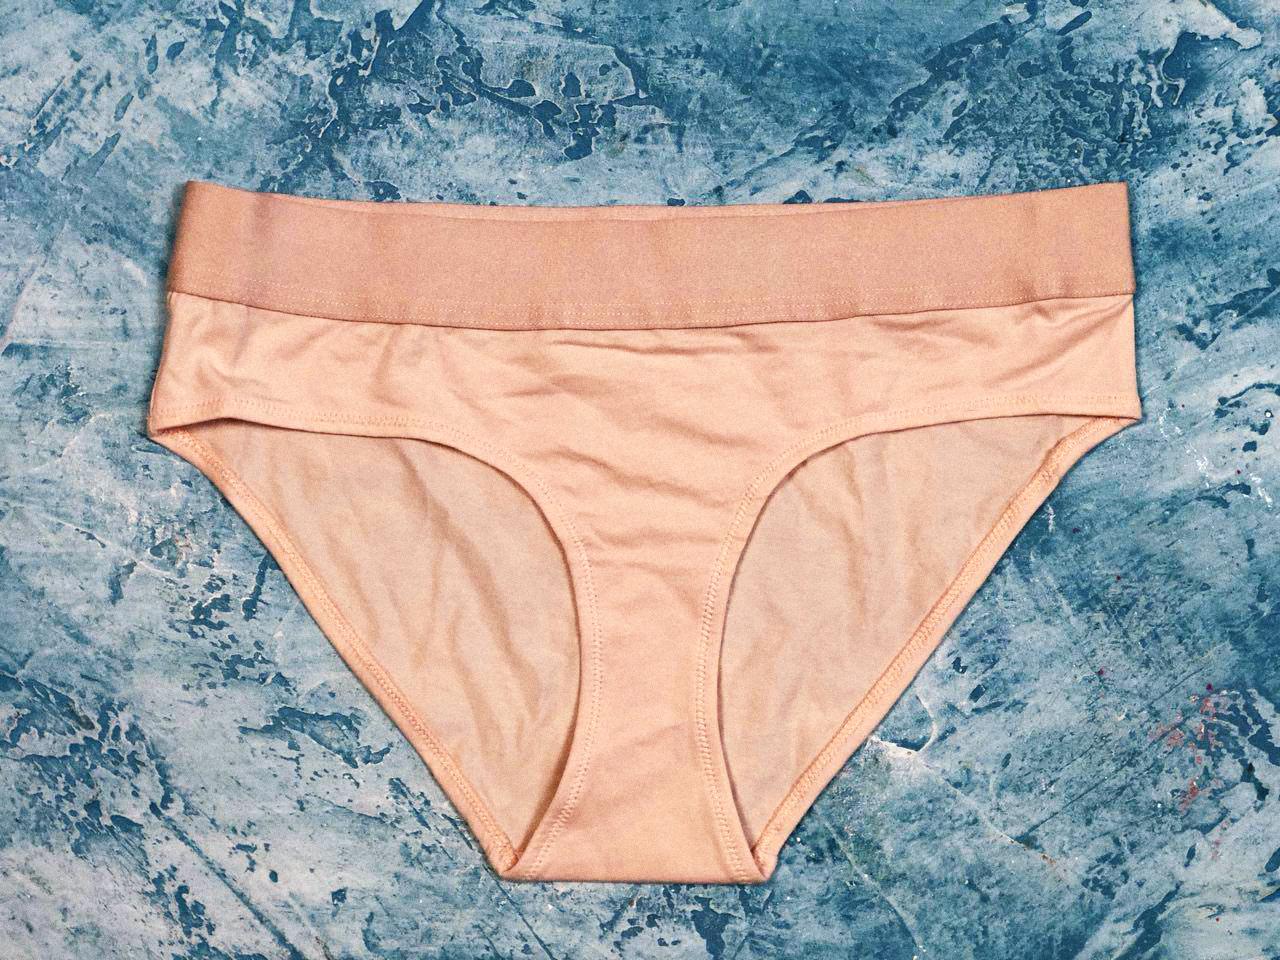 Операция «Надёжные трусы»: В поисках идеального хлопкового белья